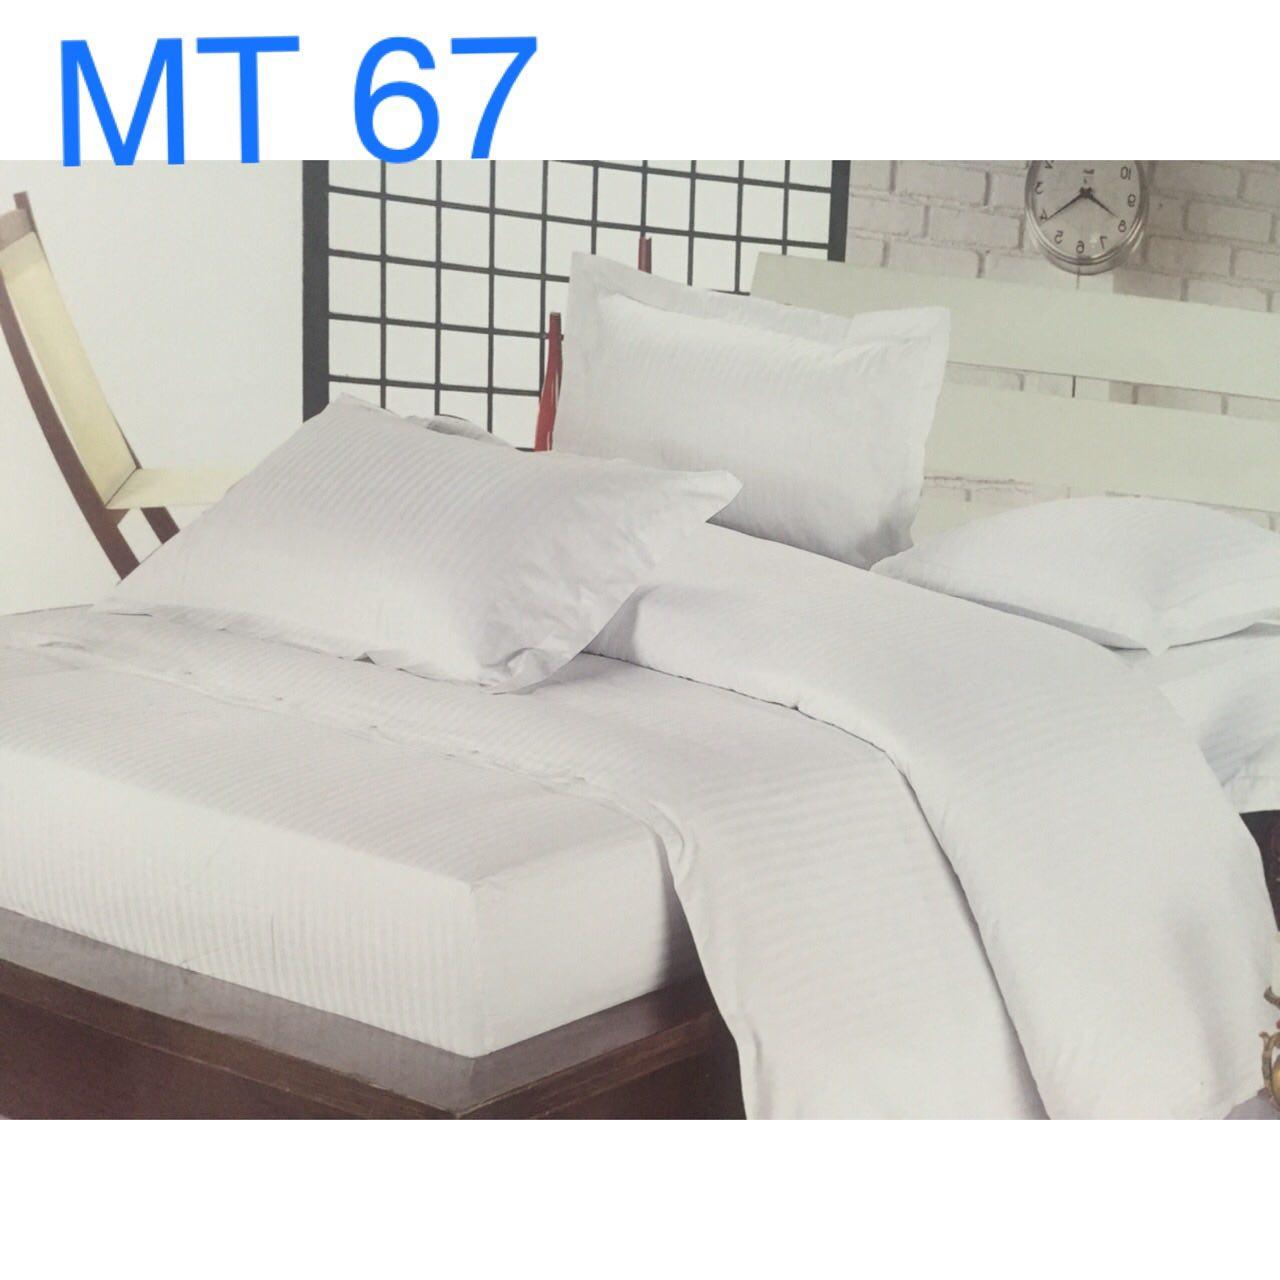 Bộ chăn ga khách sạn trắng sọc 1cm - kí hiệu: MT 67